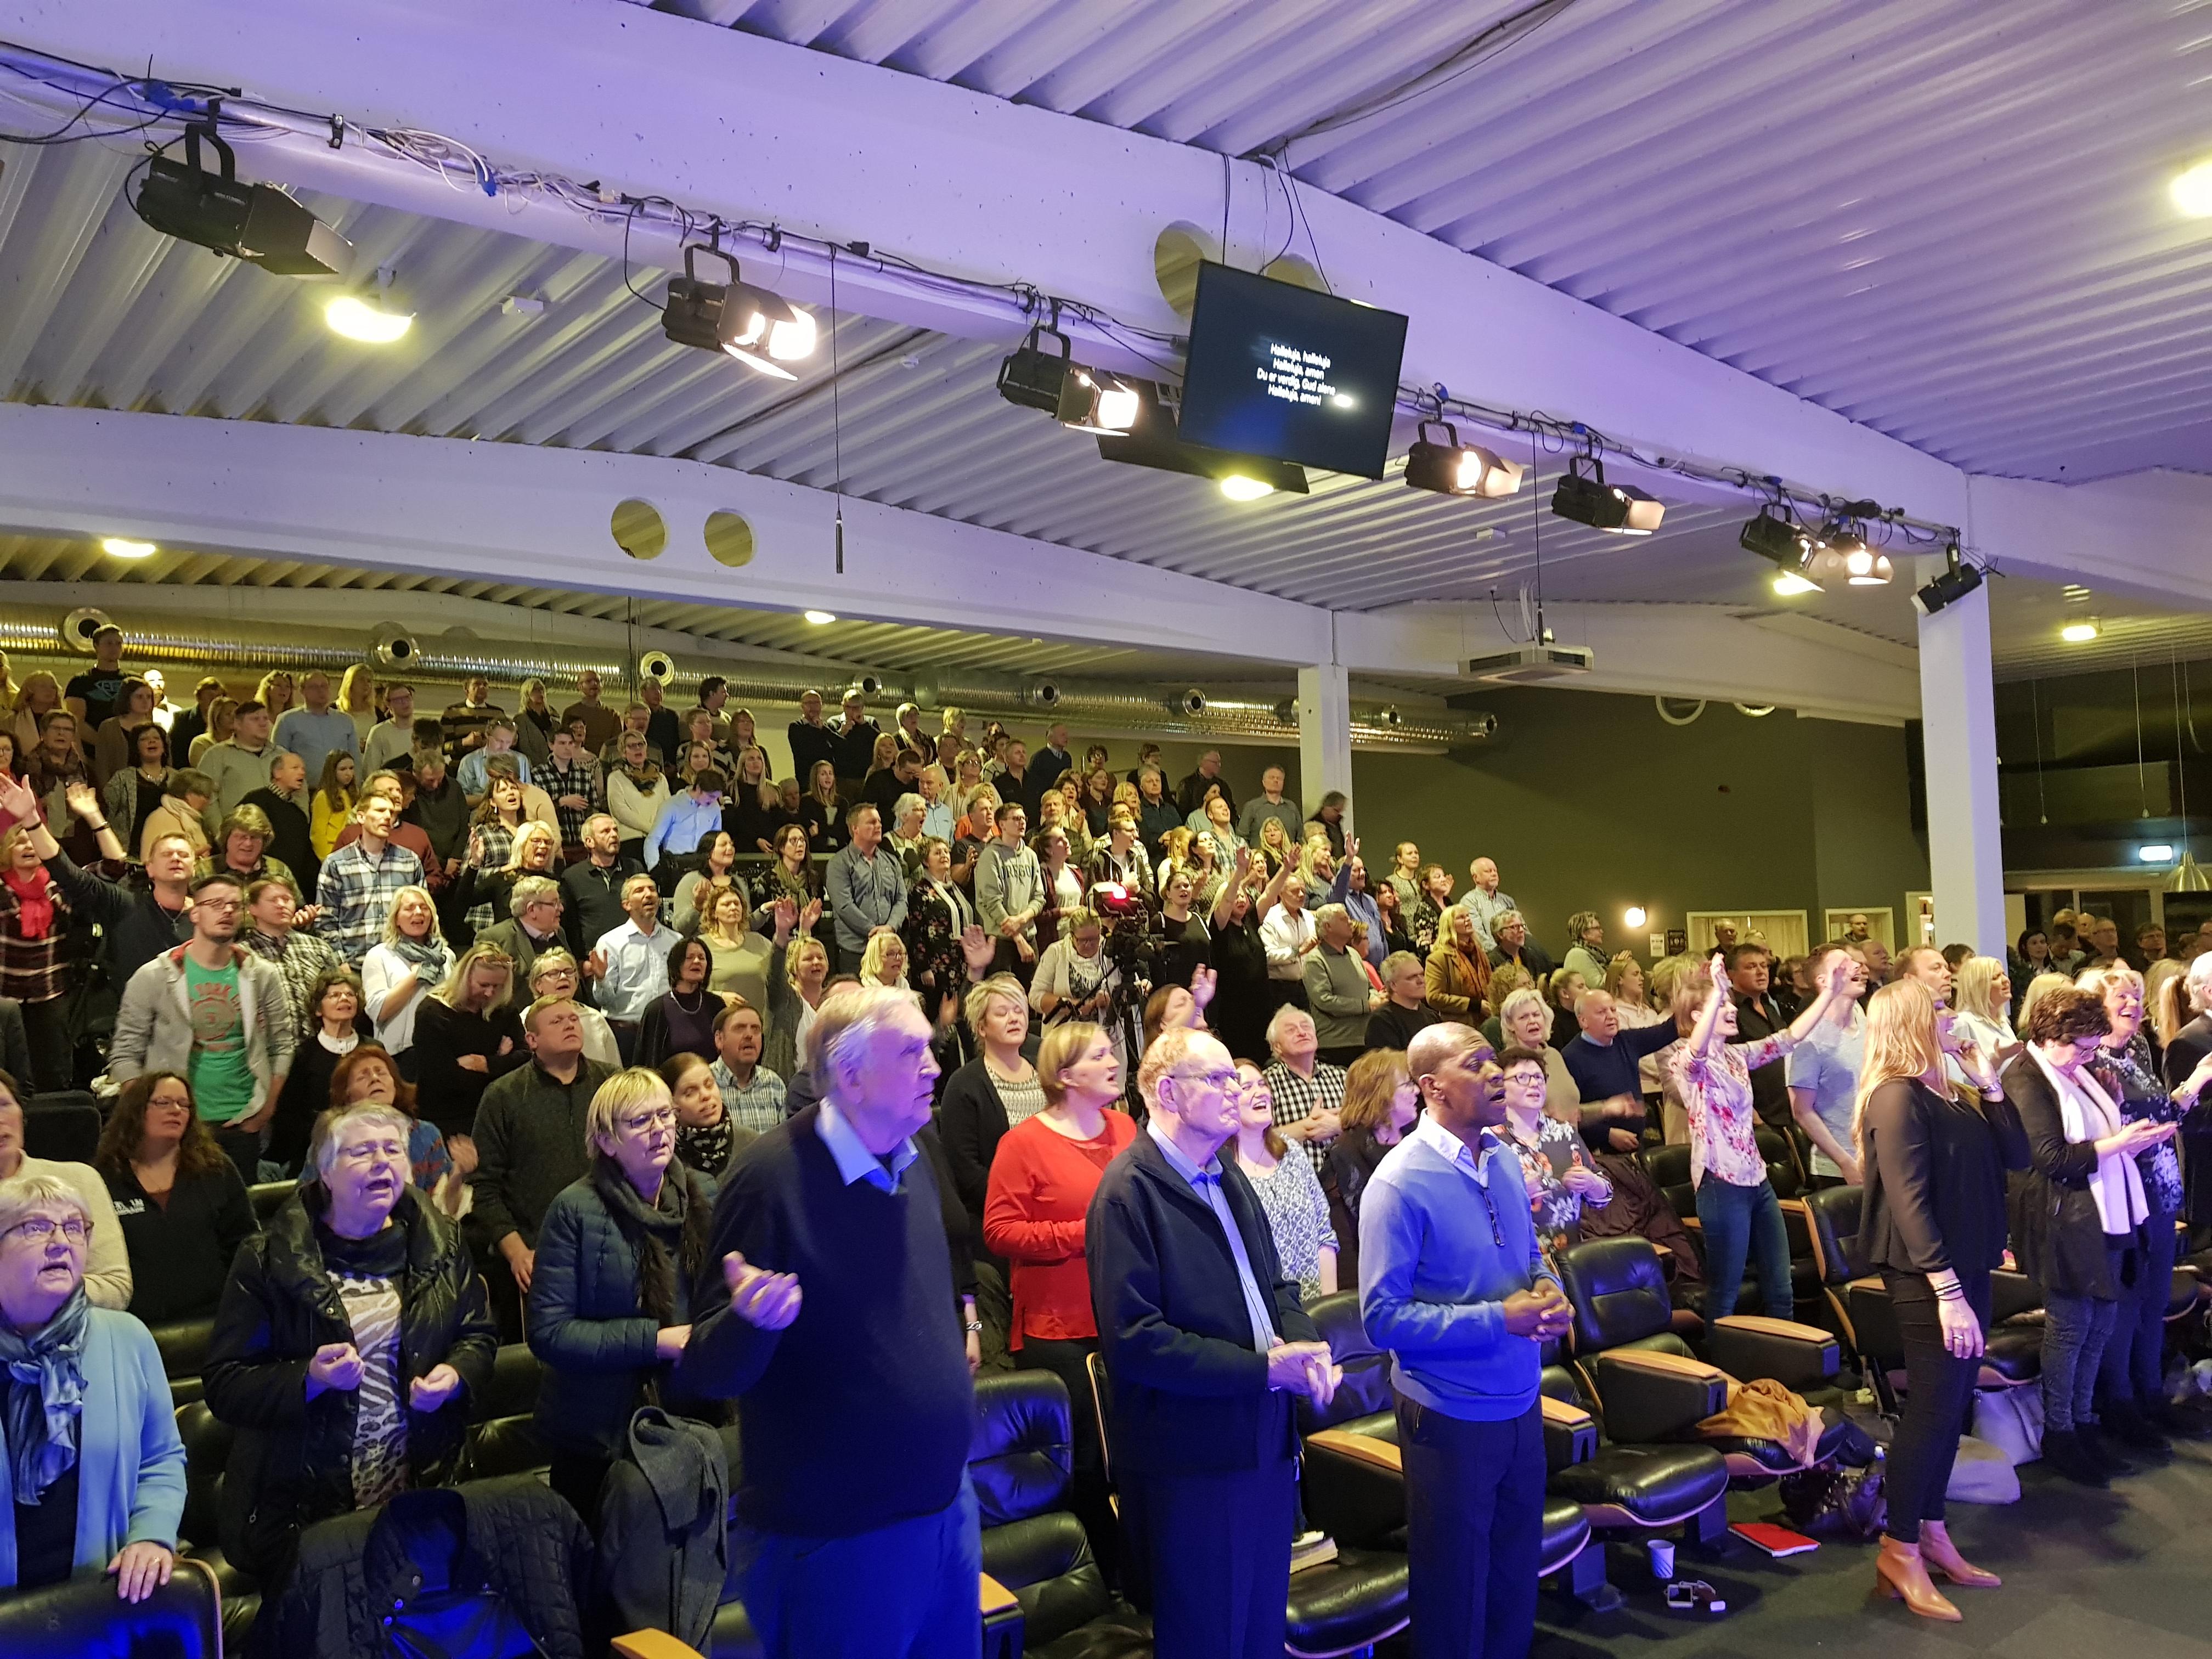 Fantastisk vekkelseskonferanse på EFA-senteret!